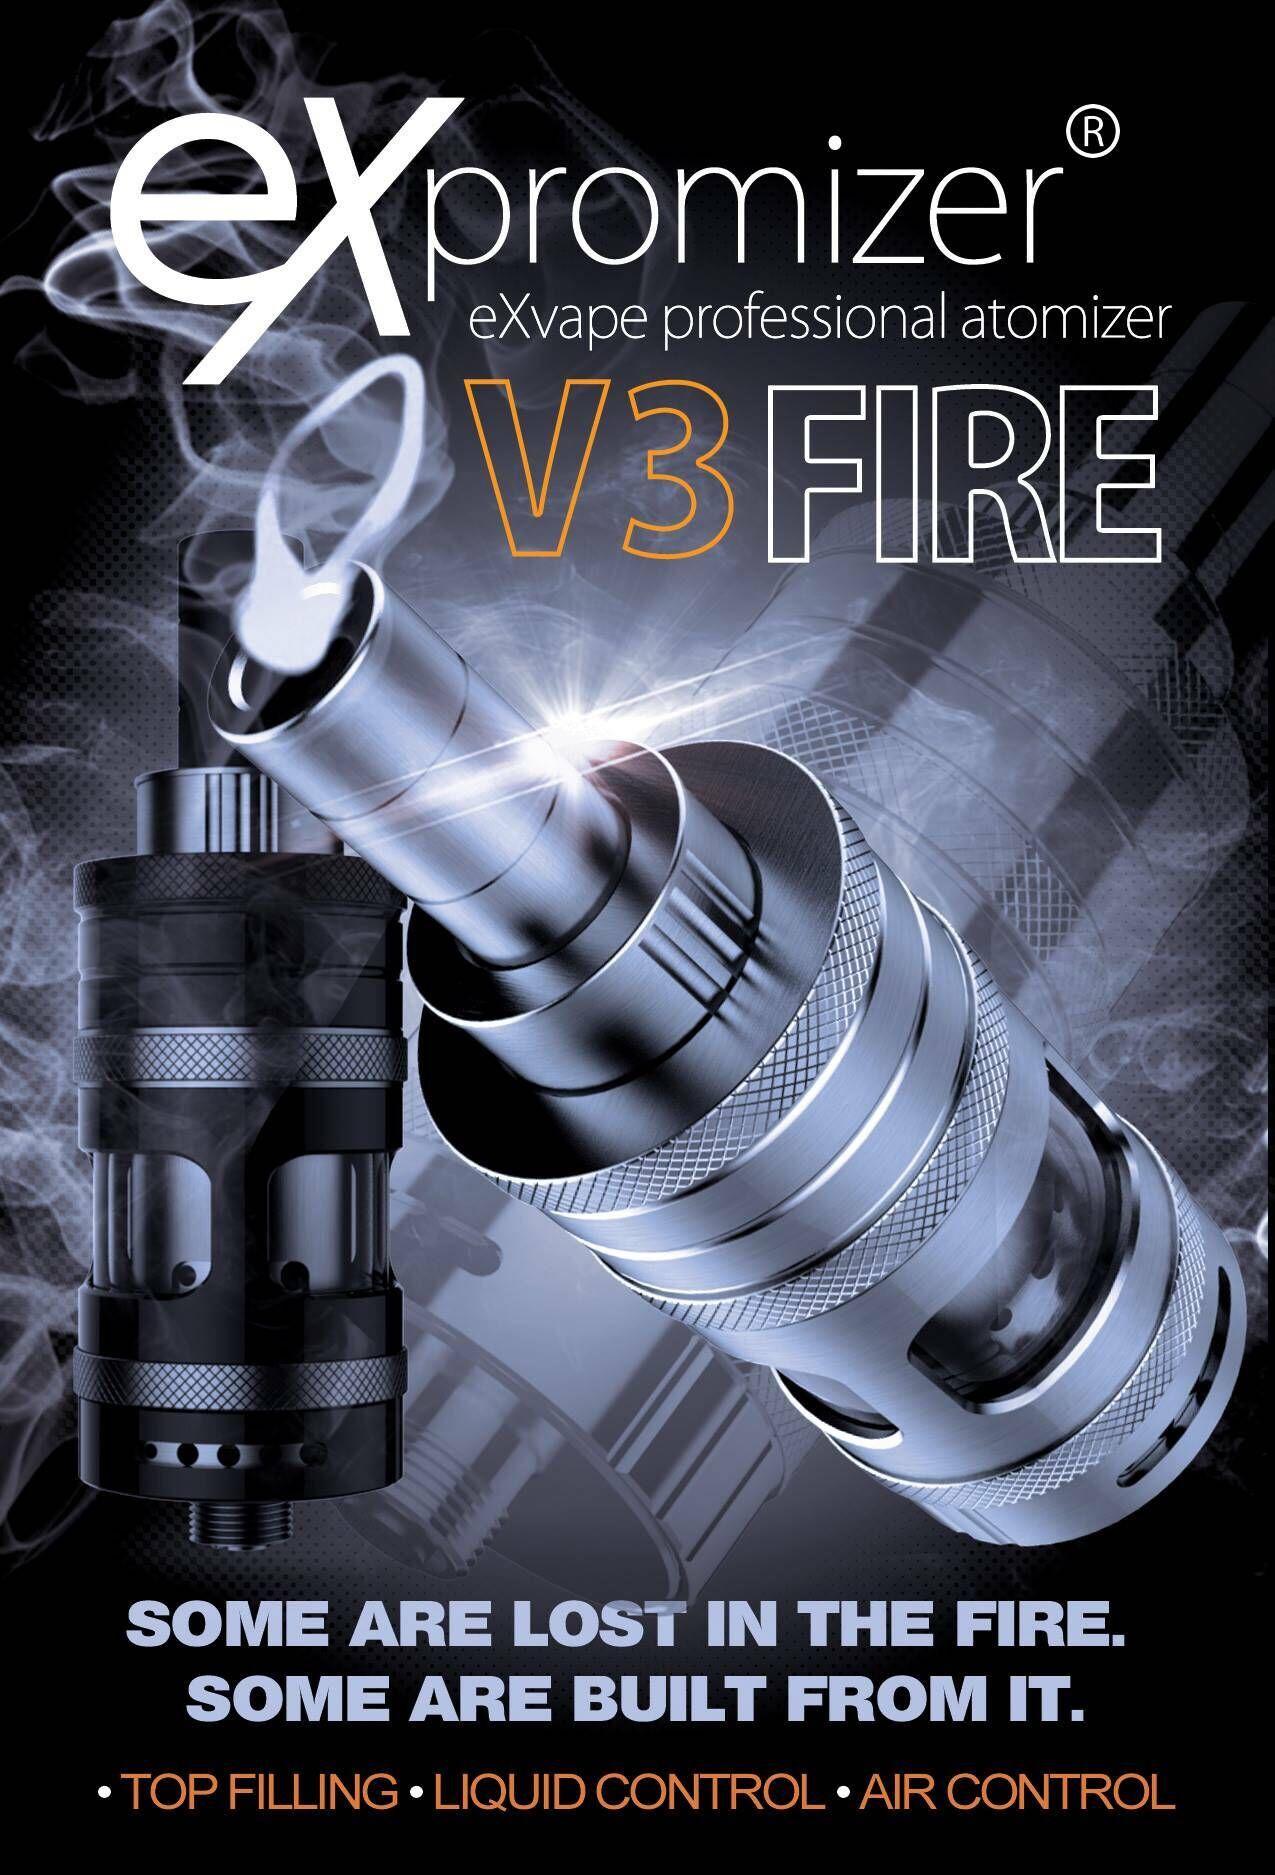 V3 FIRE POST.jpg